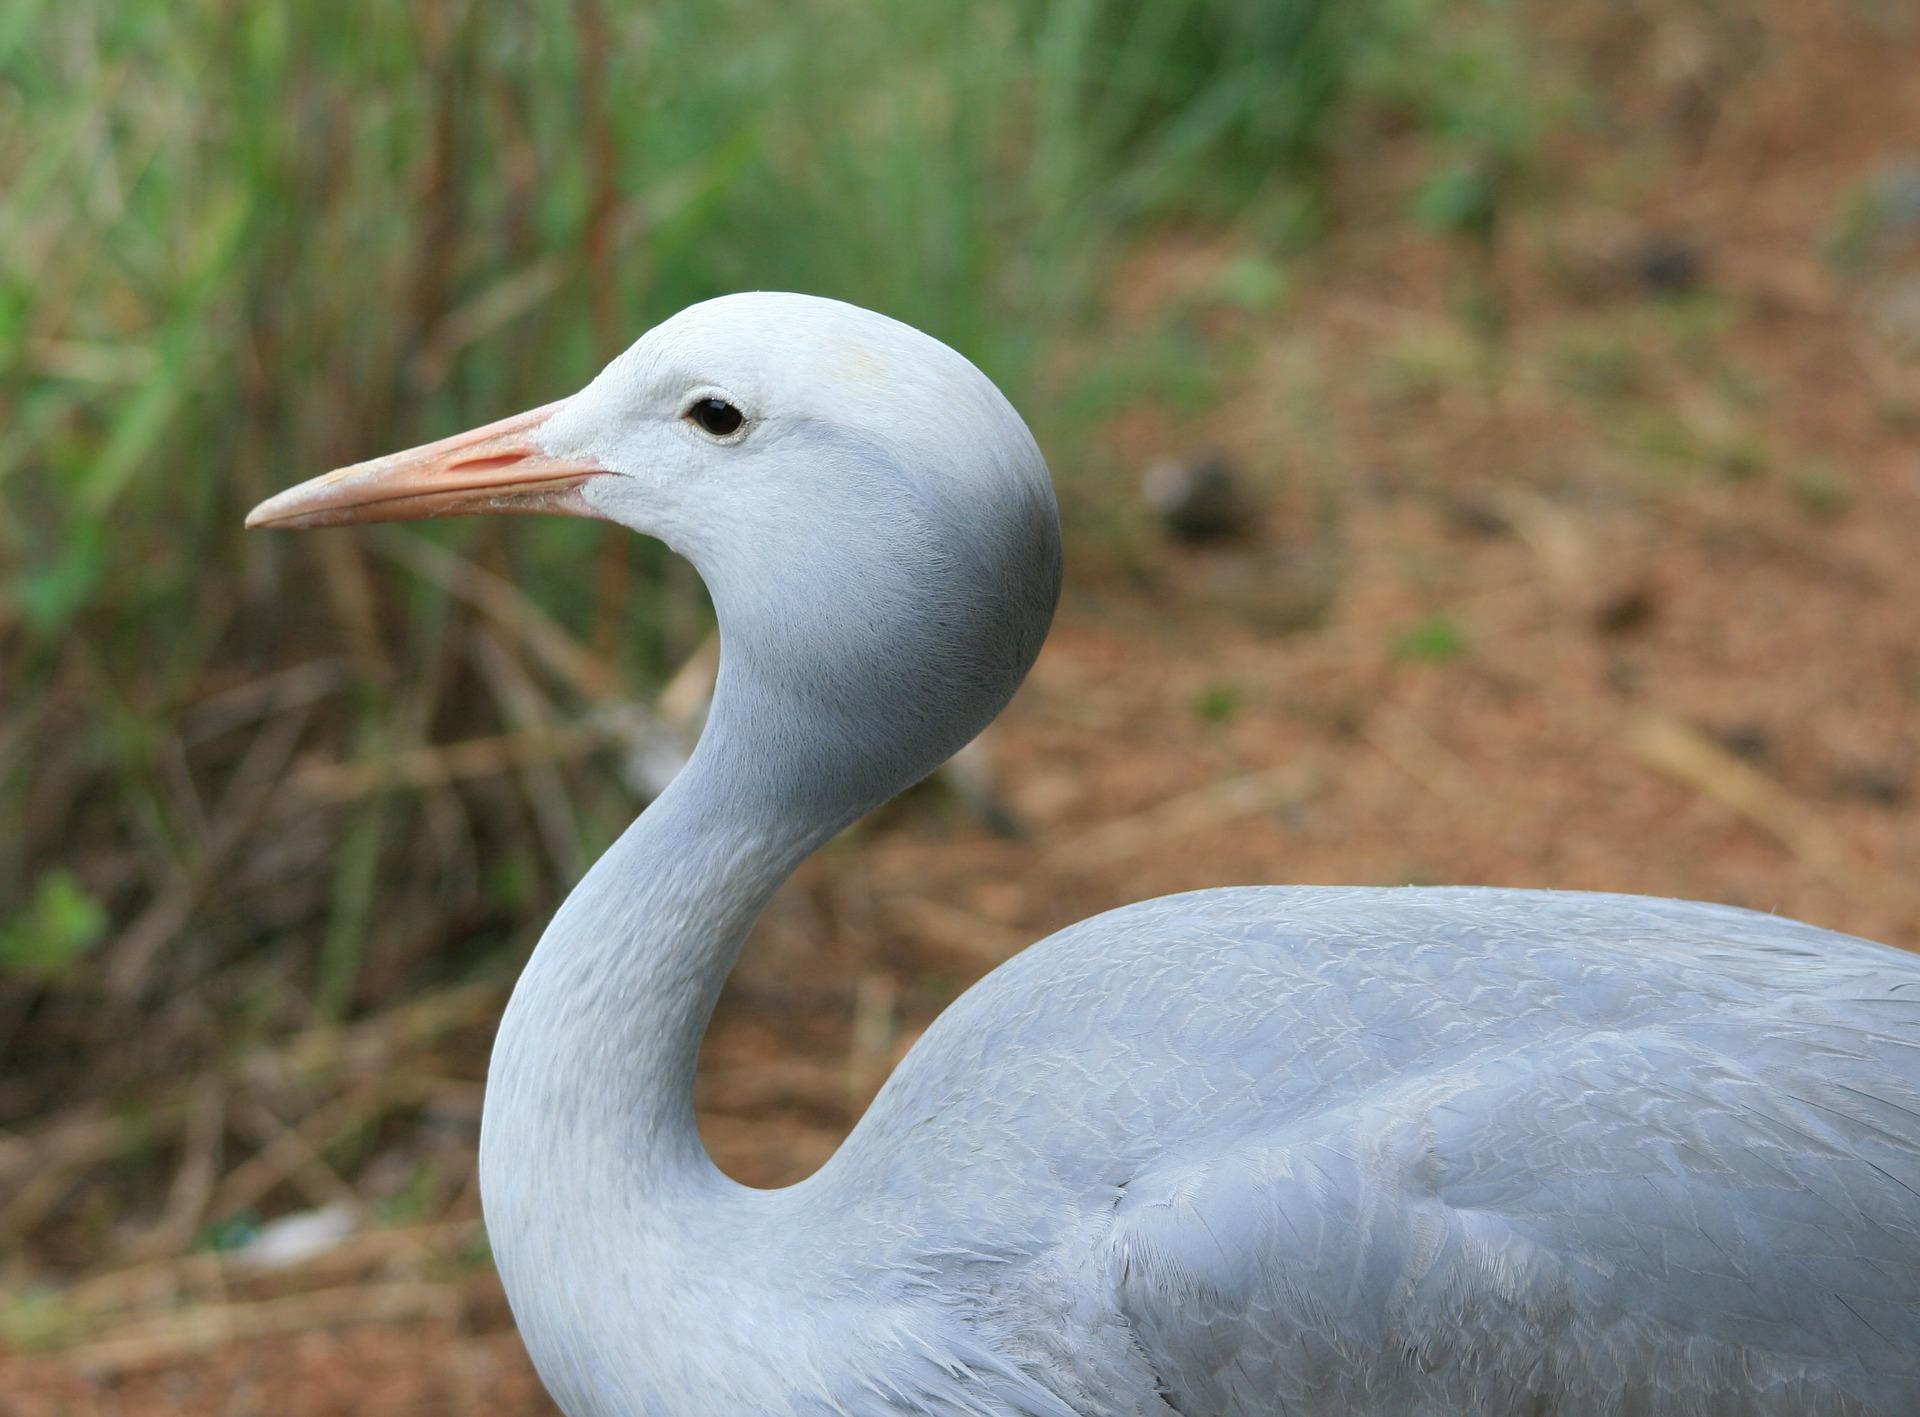 blue-crane-bird-235789_1920.jpg